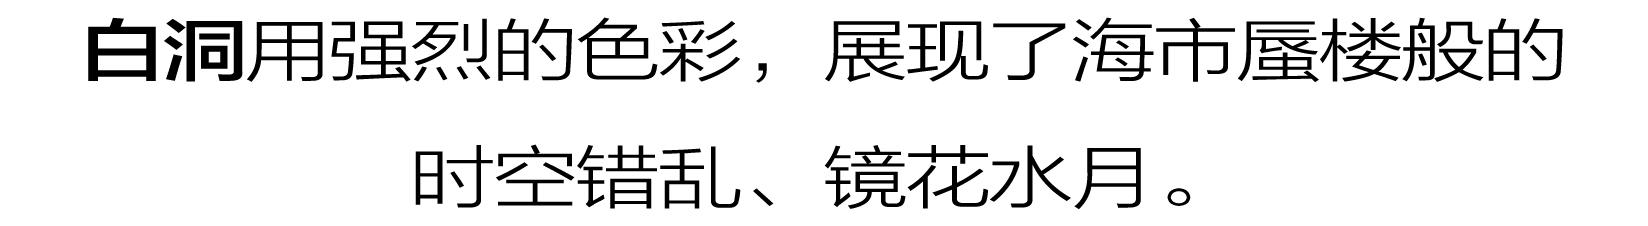 2019上海花花世界艺术展看点